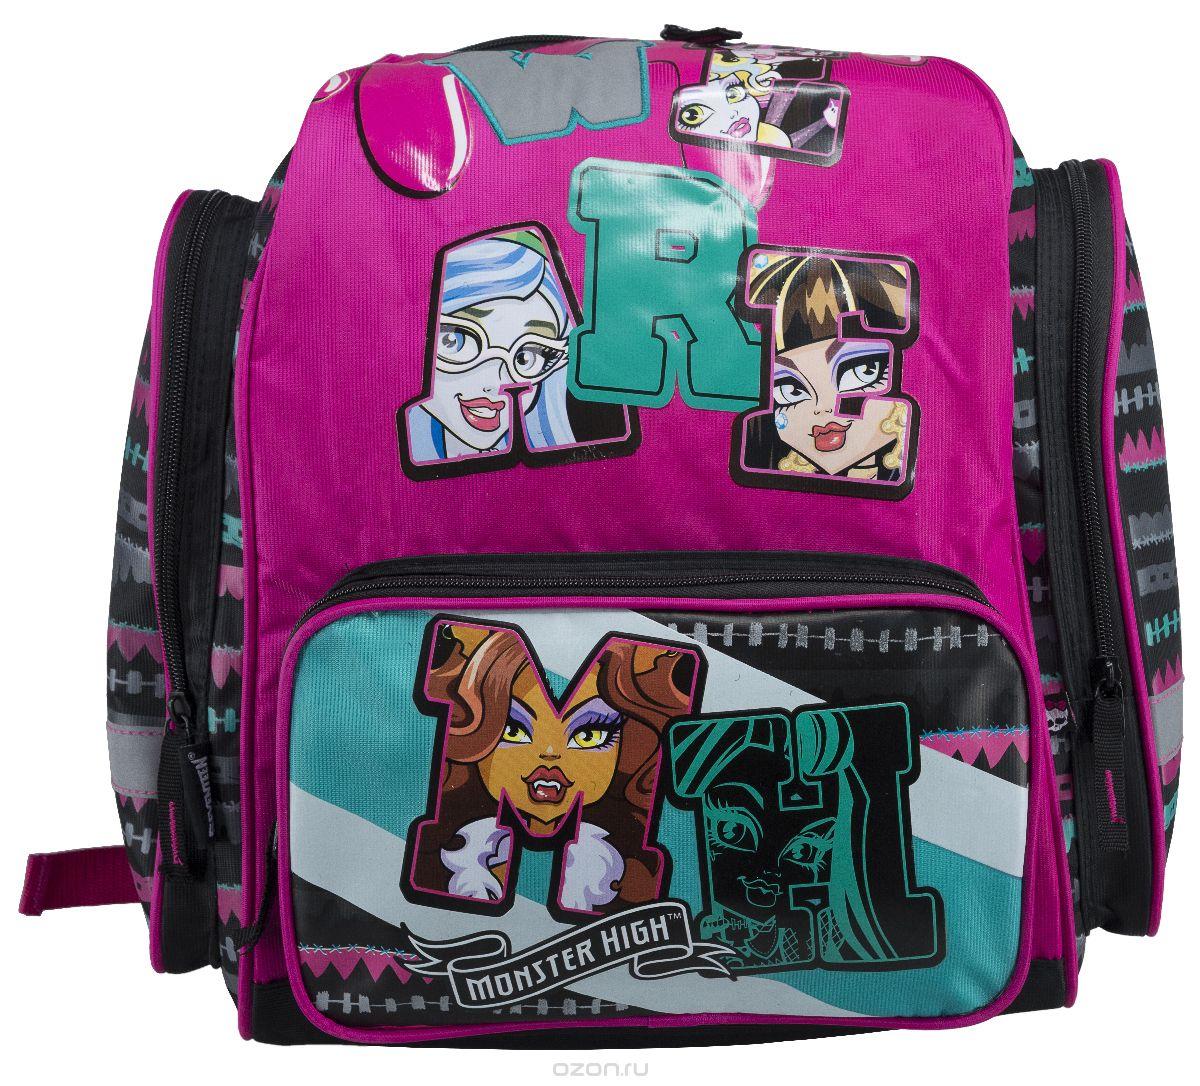 Рюкзак школьный Monster High, цвет: розовый, черный. MHCB-MT1-945CRCB-RT2-836EРюкзак школьный Monster High понравится каждой девочке-поклоннице мультсериала Школа монстров. Выполнен из прочных и высококачественных материалов, дополнен изображением учениц Monster High.Содержит одно вместительное отделение, закрывающееся на застежку-молнию с двумя бегунками. Лицевая сторона оснащена накладным карманом на застежке-молнии. По бокам расположены два накладных кармана на молнии. Специально разработанная архитектура спинки со стабилизирующими набивными элементами повторяет естественный изгиб позвоночника. Набивные элементы обеспечивают вентиляцию спины ребенка. Мягкие широкие лямки позволяют легко и быстро отрегулировать рюкзак в соответствии с ростом. Рюкзак оснащен эргономичной ручкой для удобной переноски в руке. Светоотражающие элементы обеспечивают безопасность в темное время суток.Такой школьный рюкзак станет незаменимым спутником вашего ребенка в походах за знаниями.Вес рюкзака без наполнения: 700 г.Рекомендуемый возраст: от 12 лет.